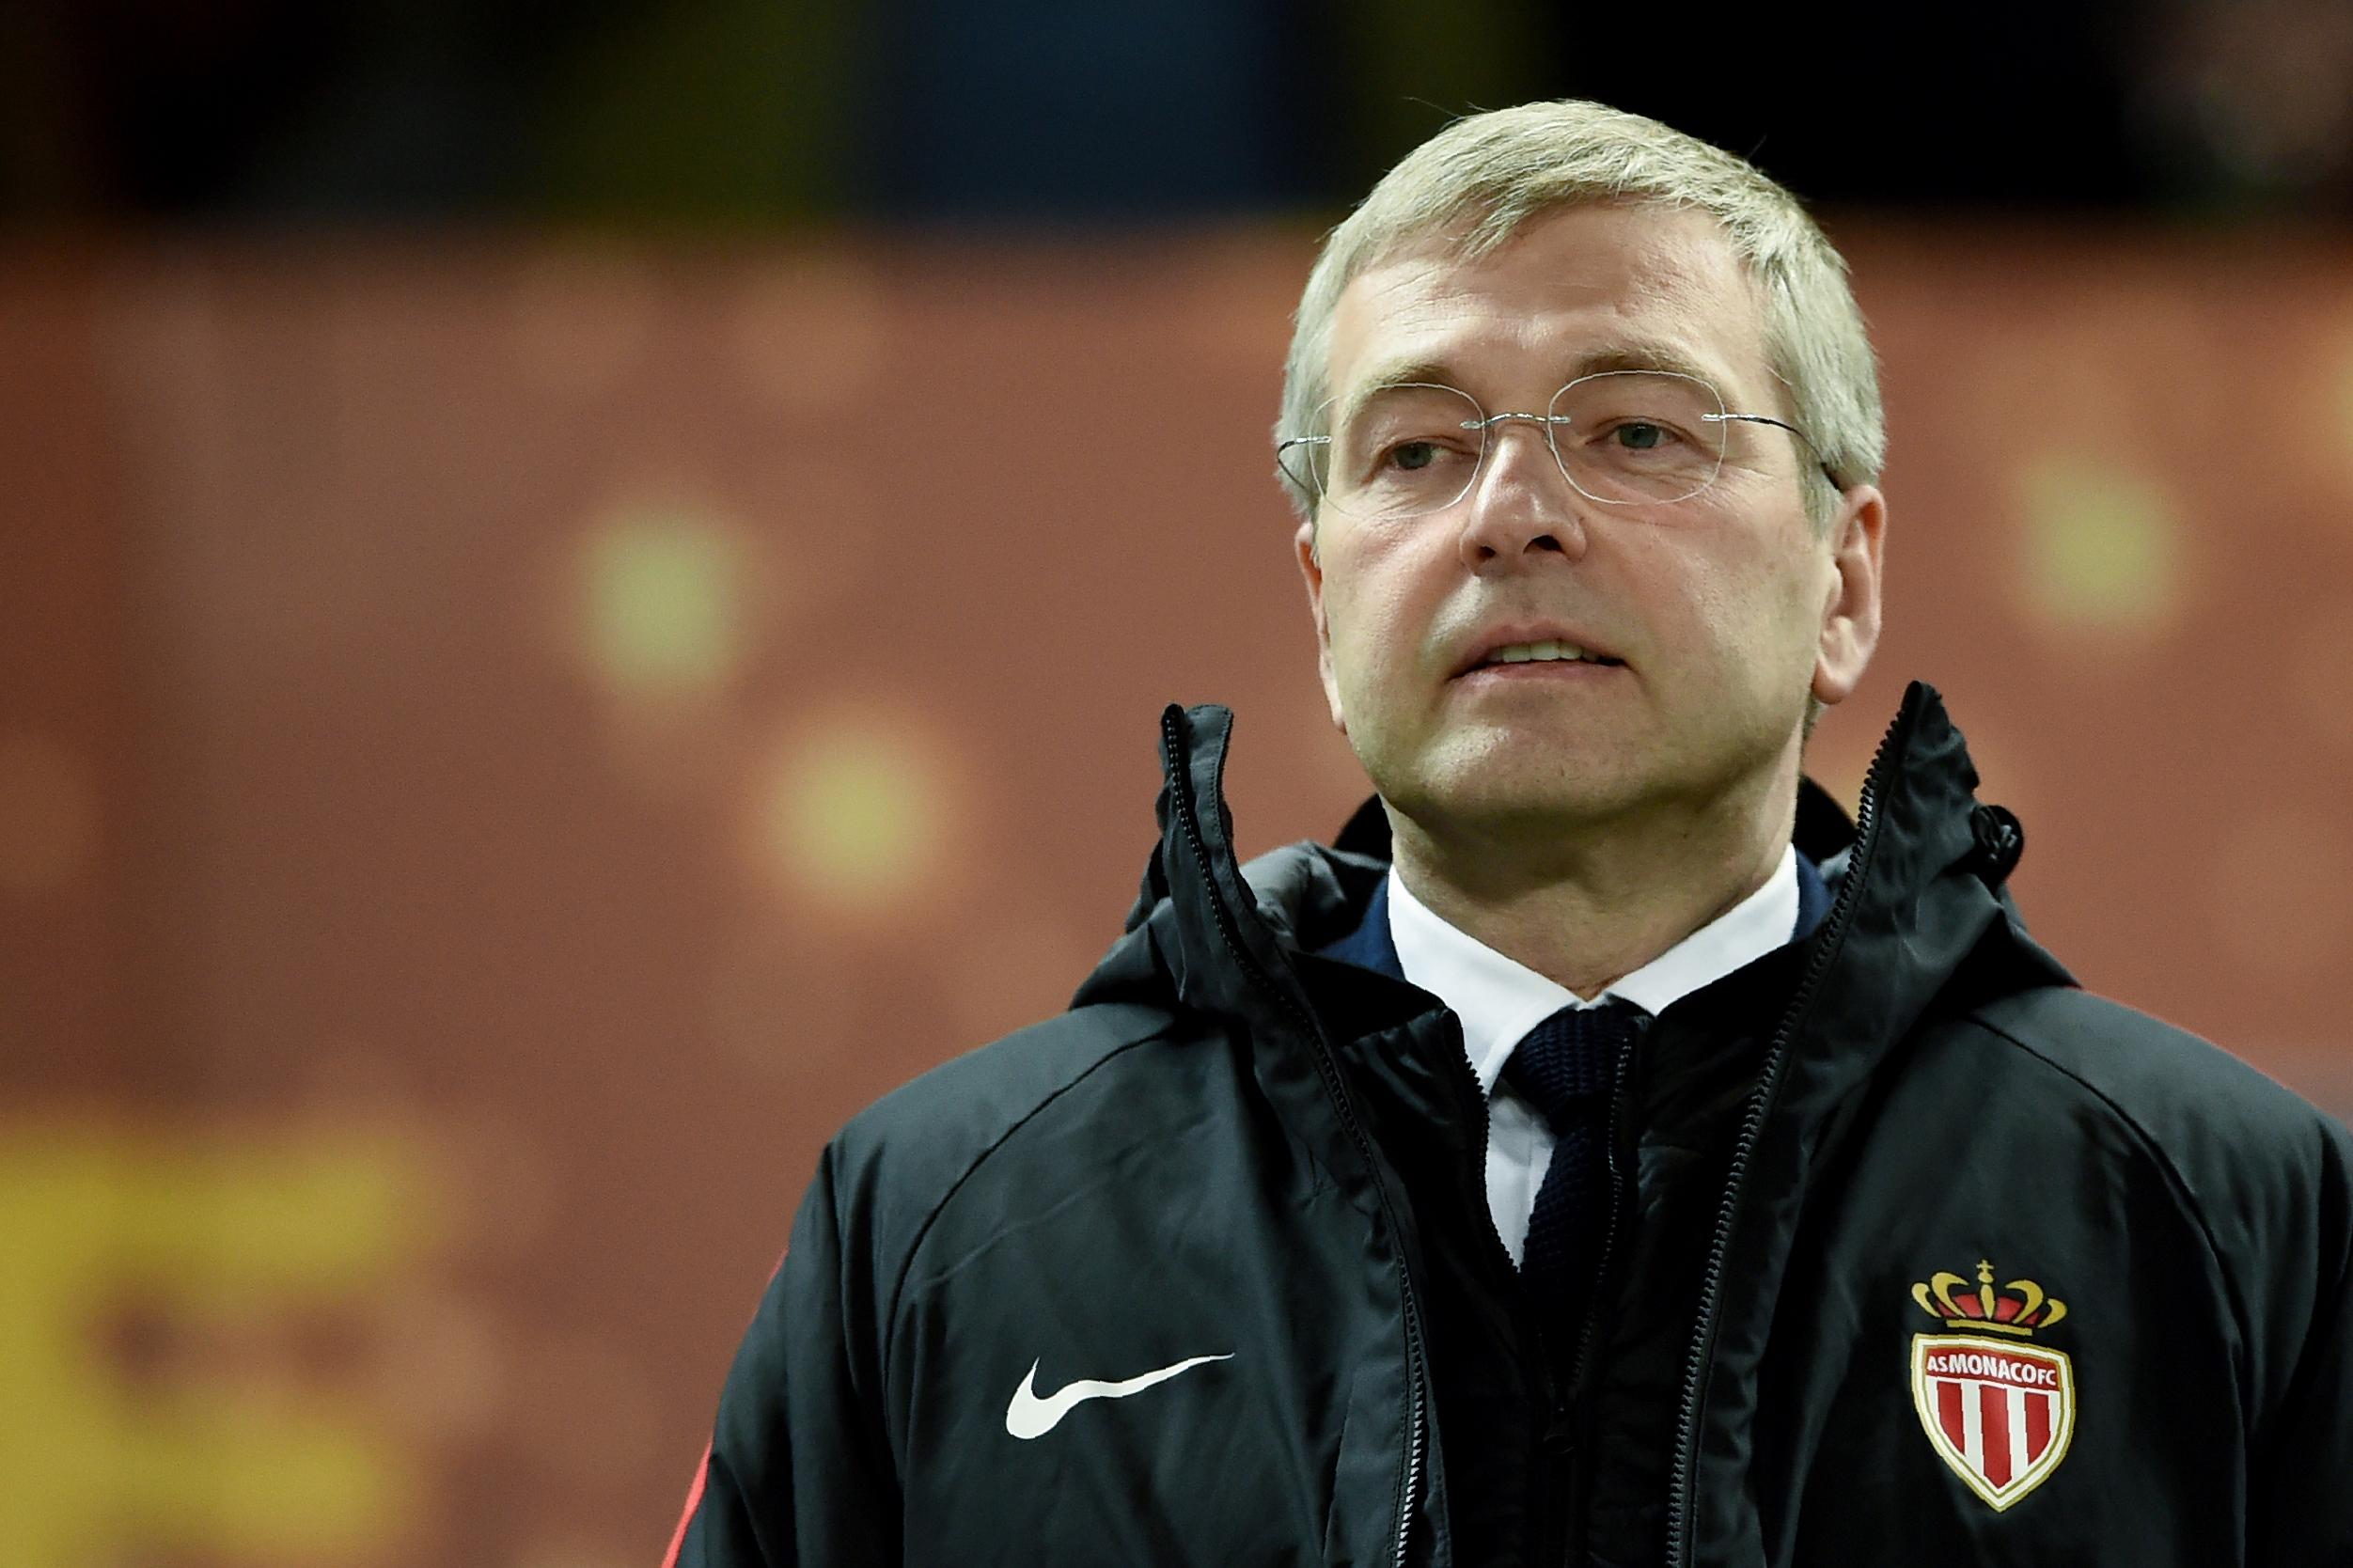 Meccsnapon vették őrizetbe a Monaco orosz oligarcha-tulajdonosát